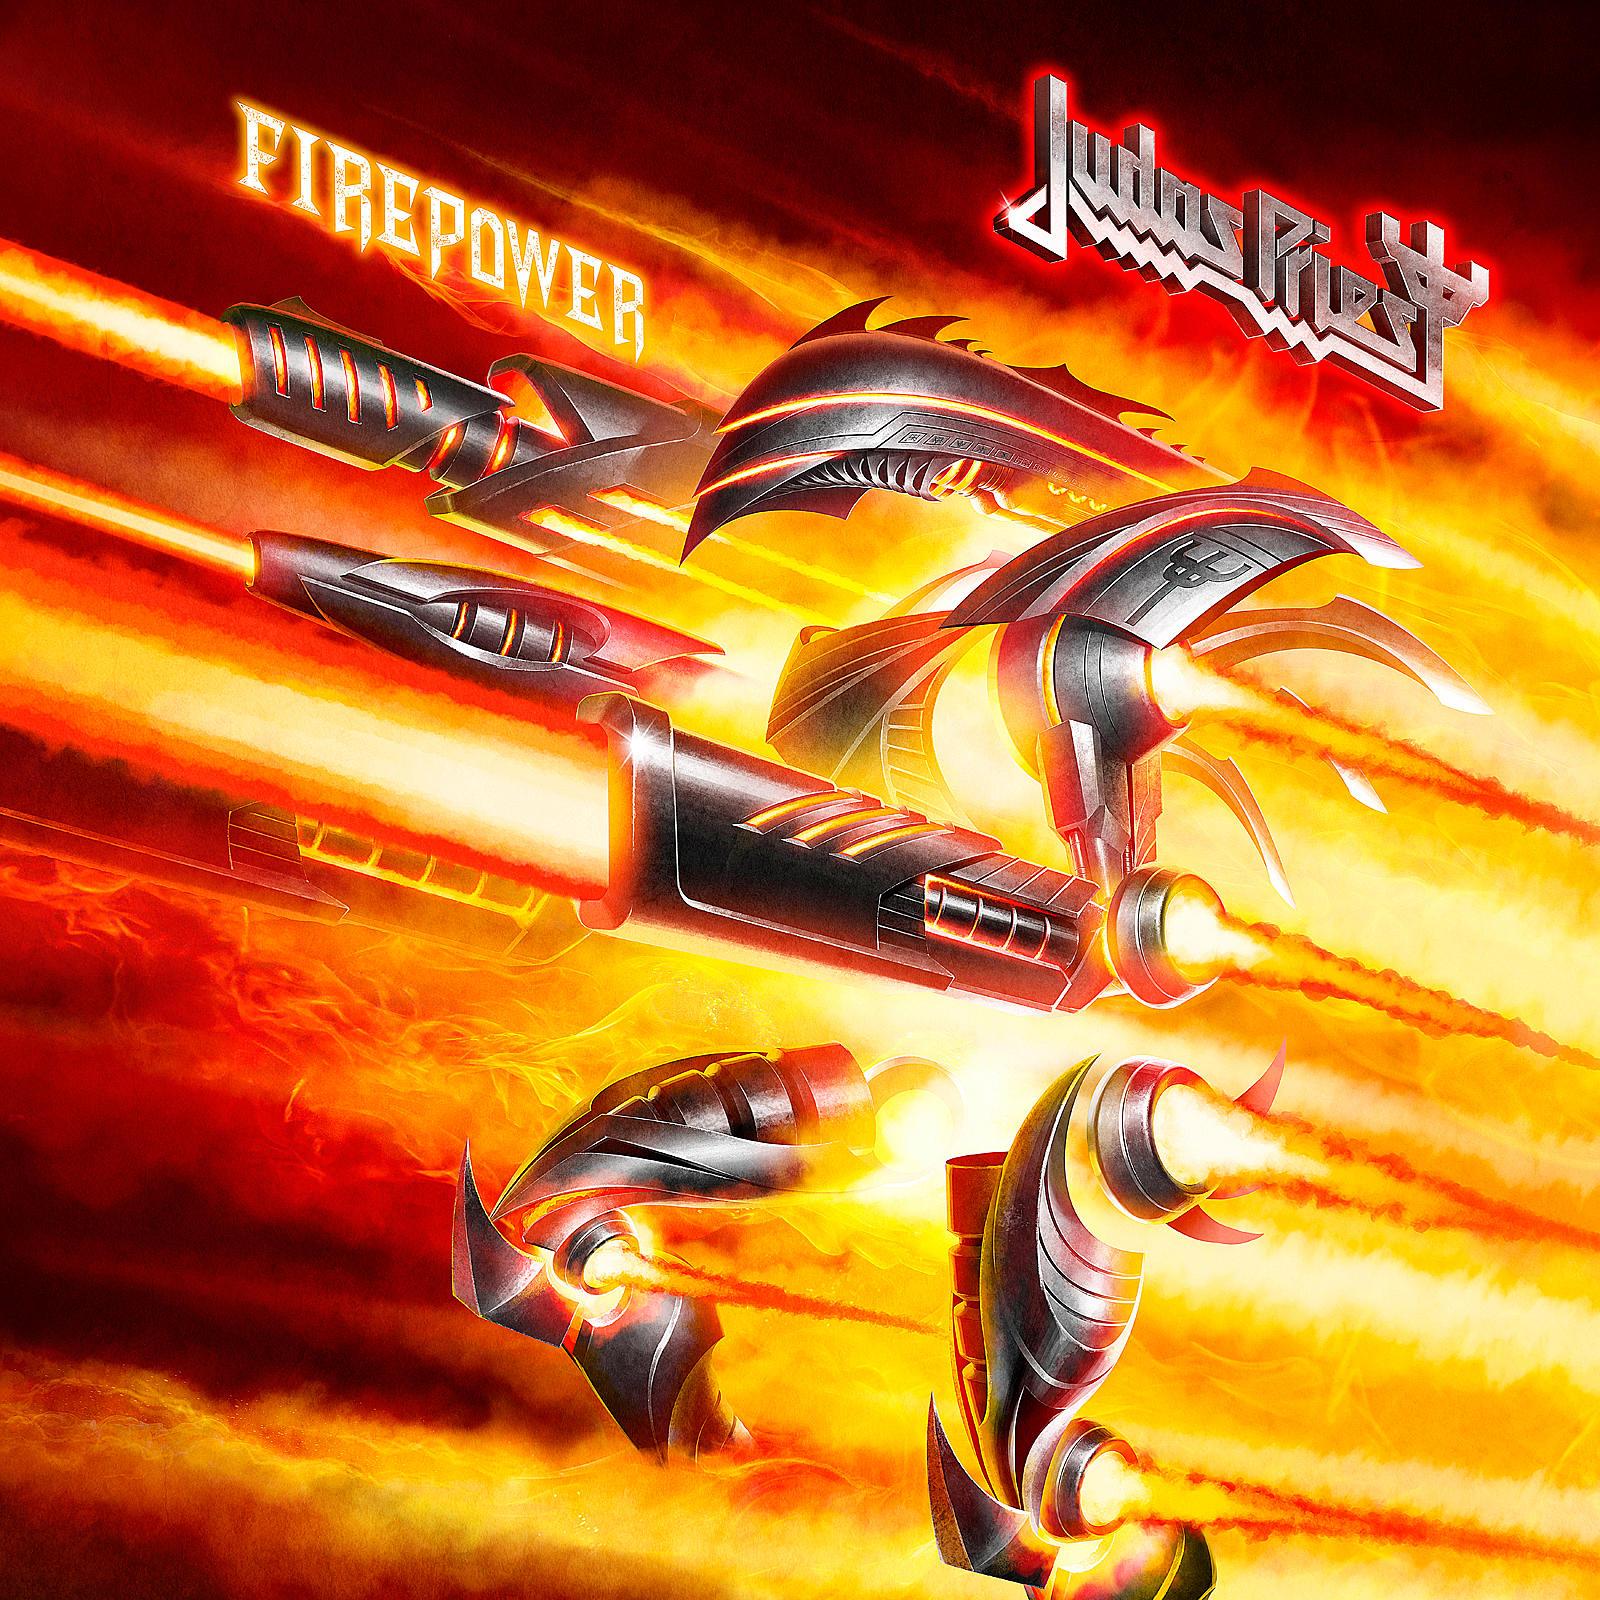 Resultado de imagem para judas priest firepower artwork